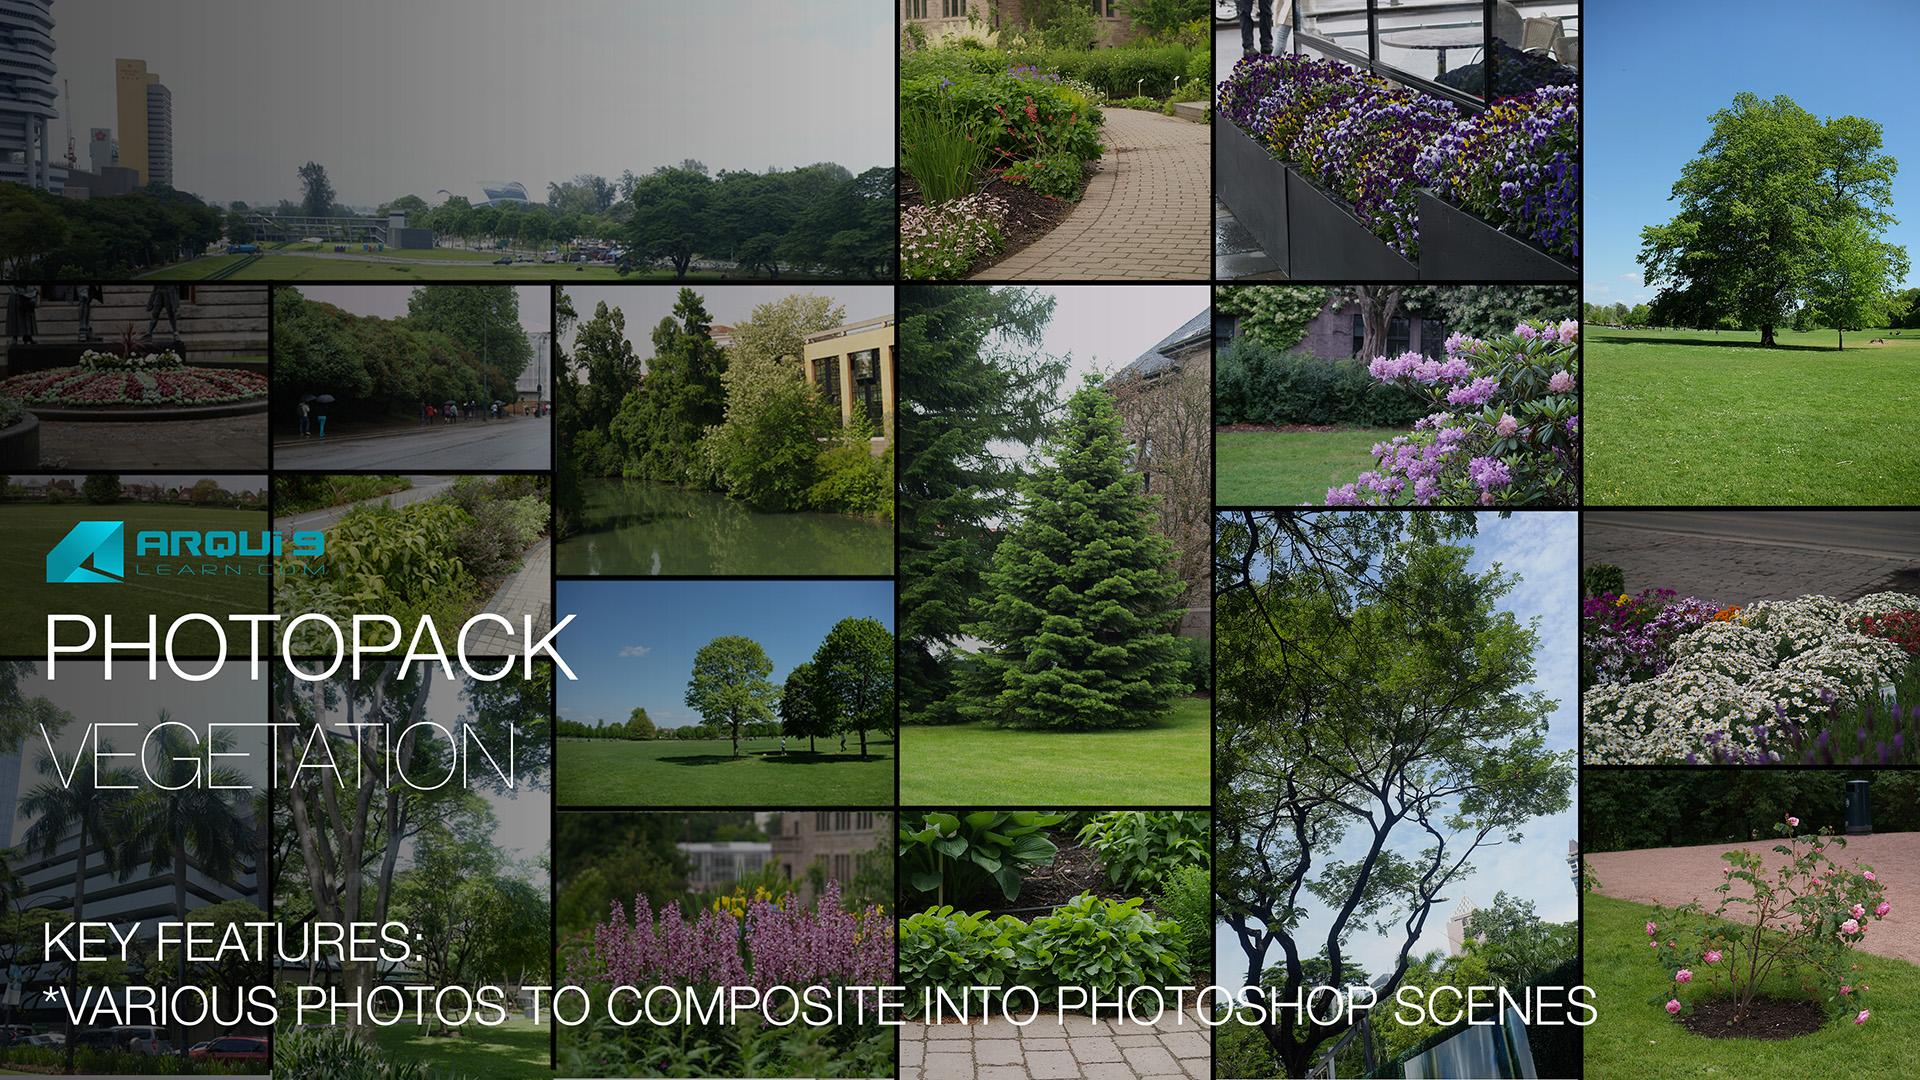 Photopack-Vegetationt_Template.jpg